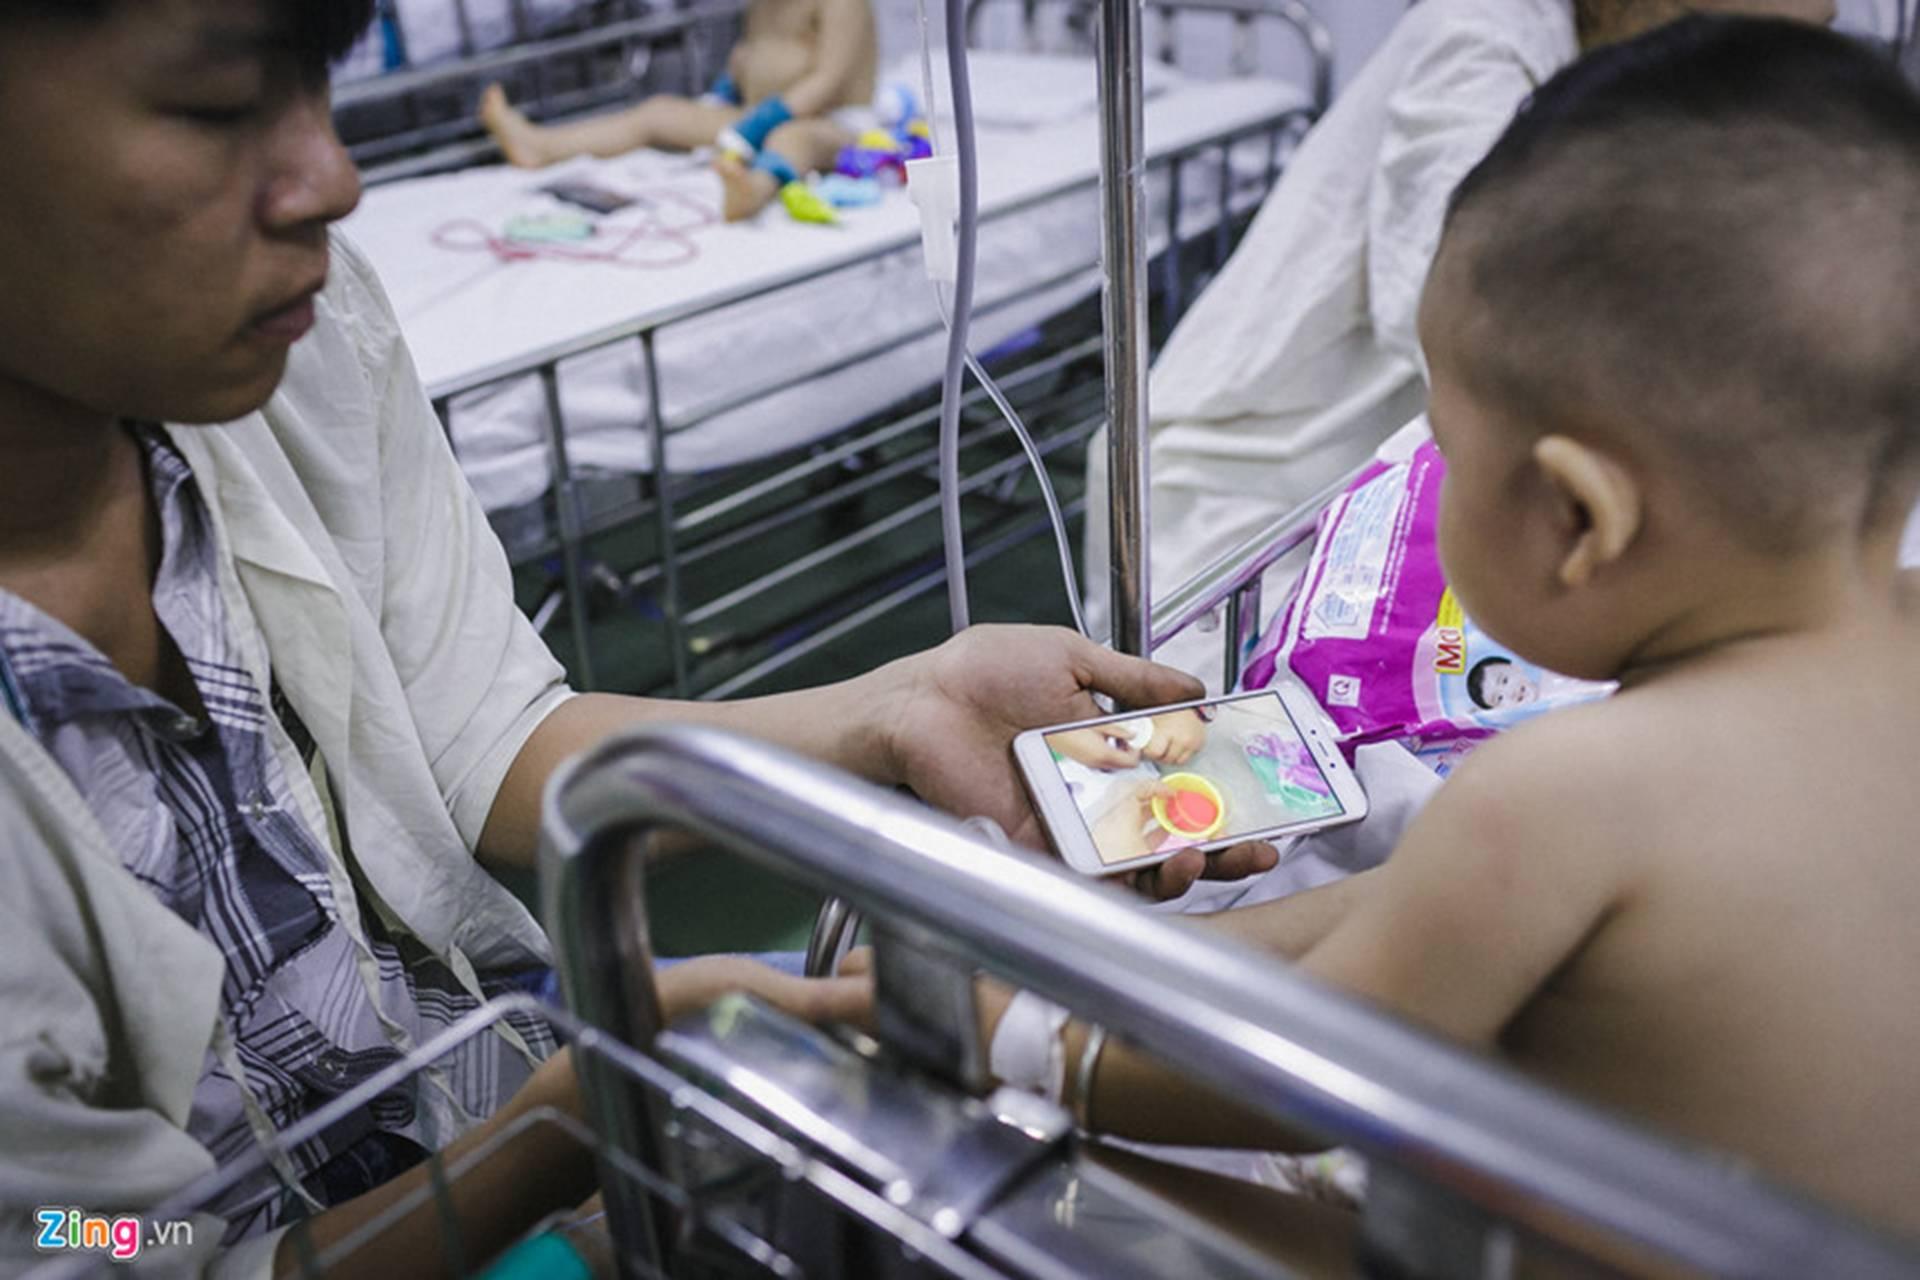 Bệnh viện Nhi ở Sài Gòn vỡ trận vì dịch chồng dịch-9